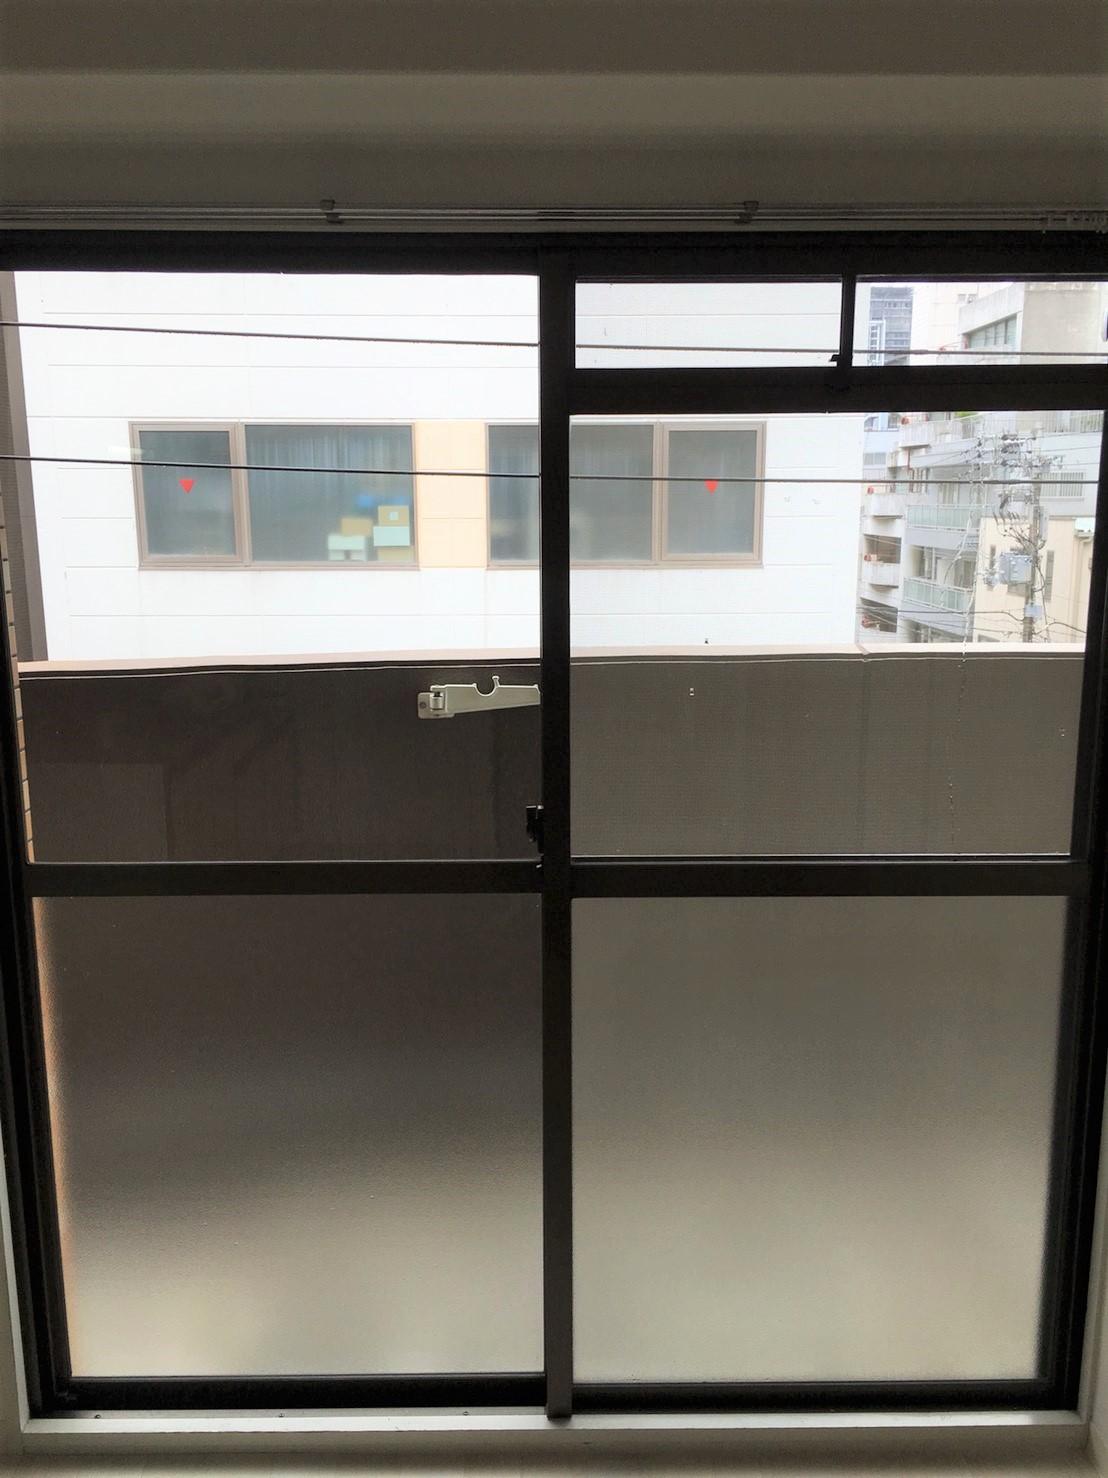 サッシ・窓ガラス・プロの技術で曇りのない窓ガラスに!ハウスクリーニングは伊丹・川西・宝塚おそうじプラスにお任せください!汚れの悩みを一気に解決!